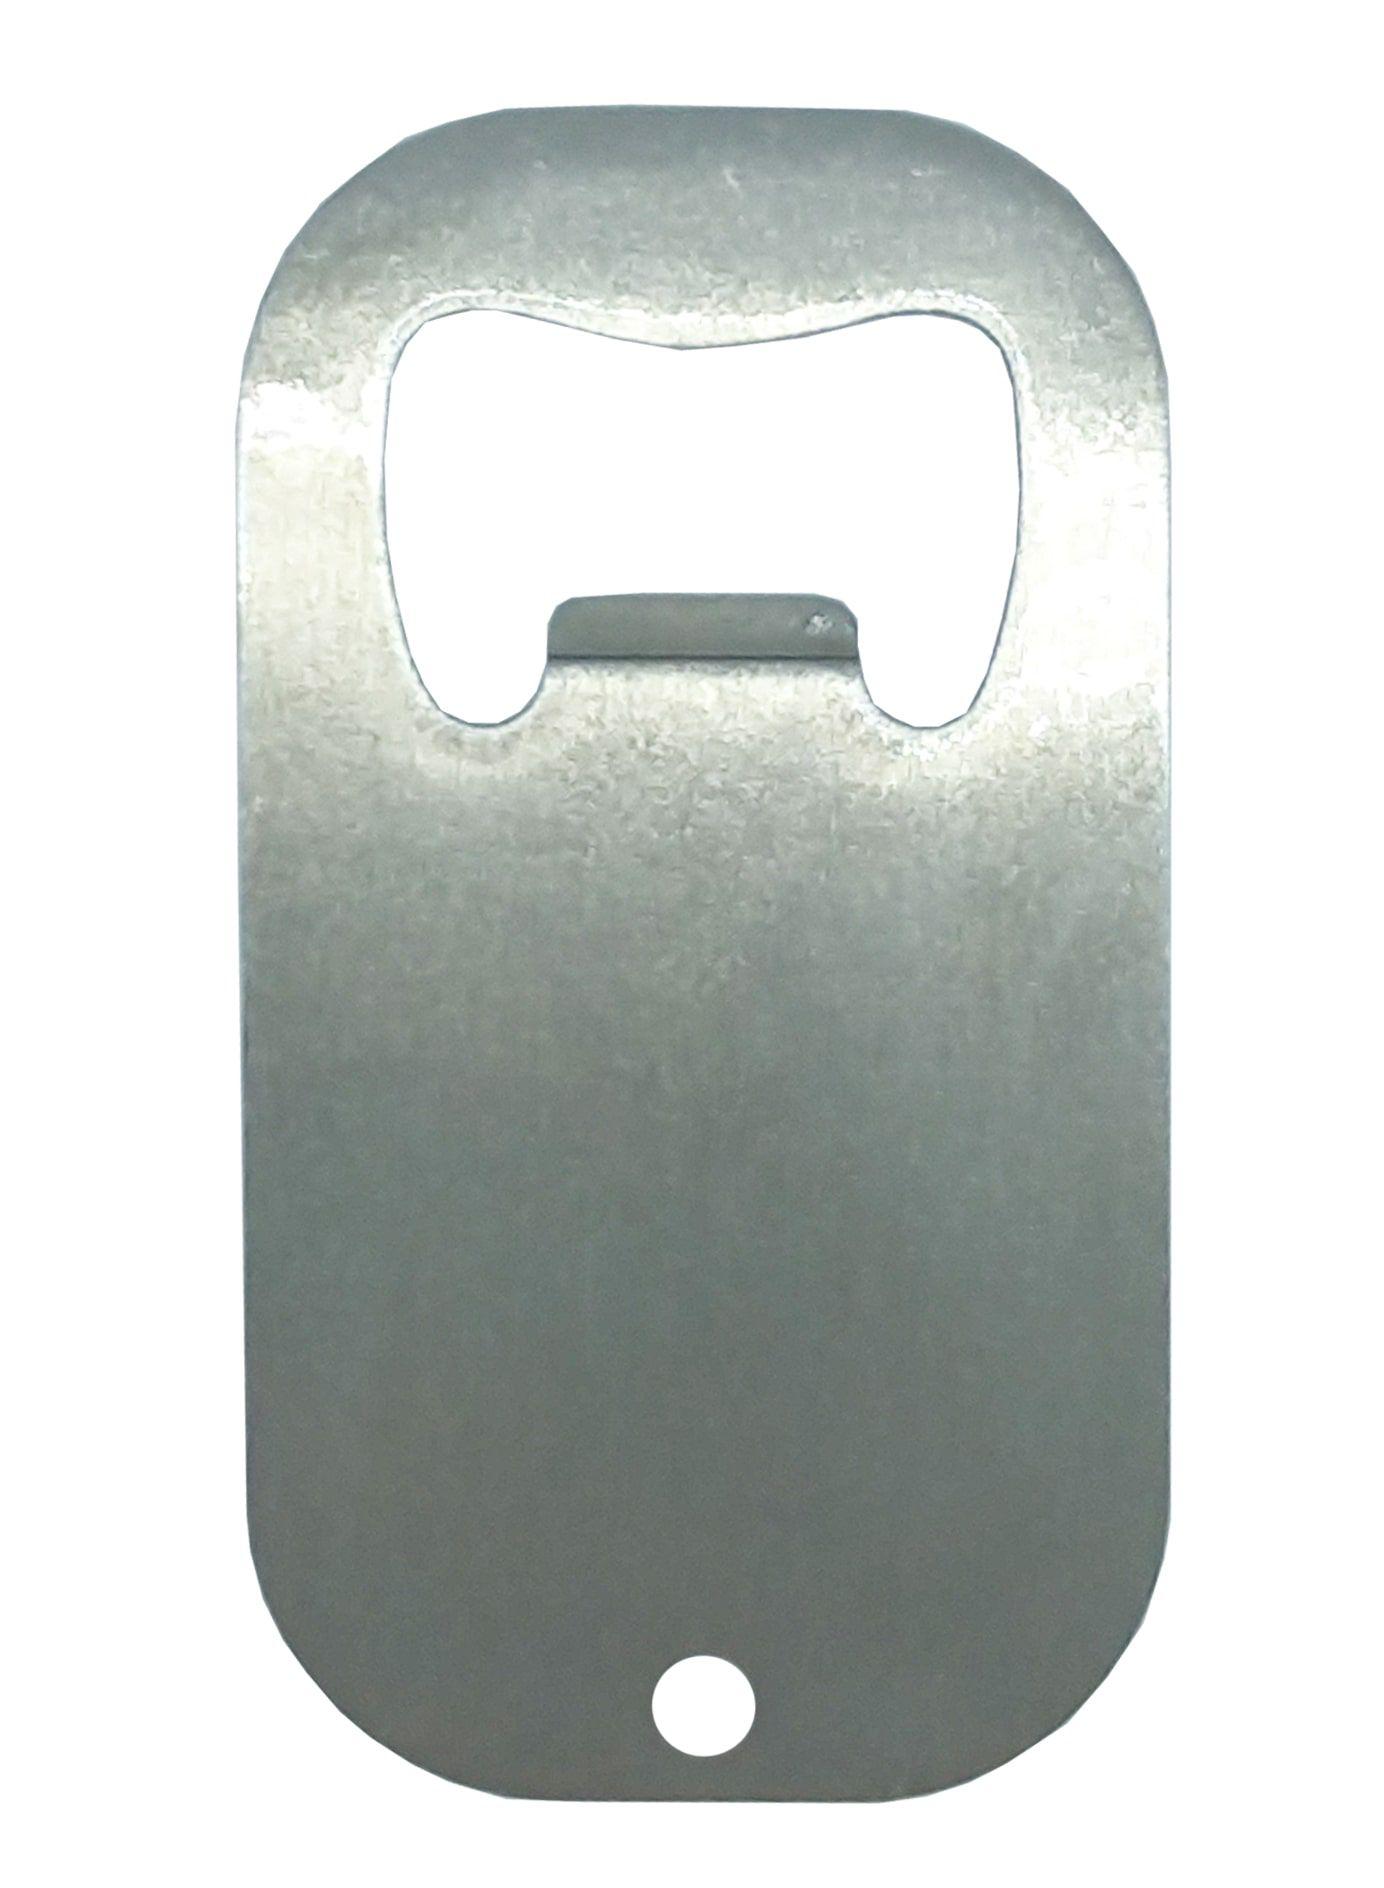 Chaveiro abridor de garrafa sublimático em metal inoxidável   - ALFANETI COMERCIO DE MIDIAS E SUBLIMAÇÃO LTDA-ME